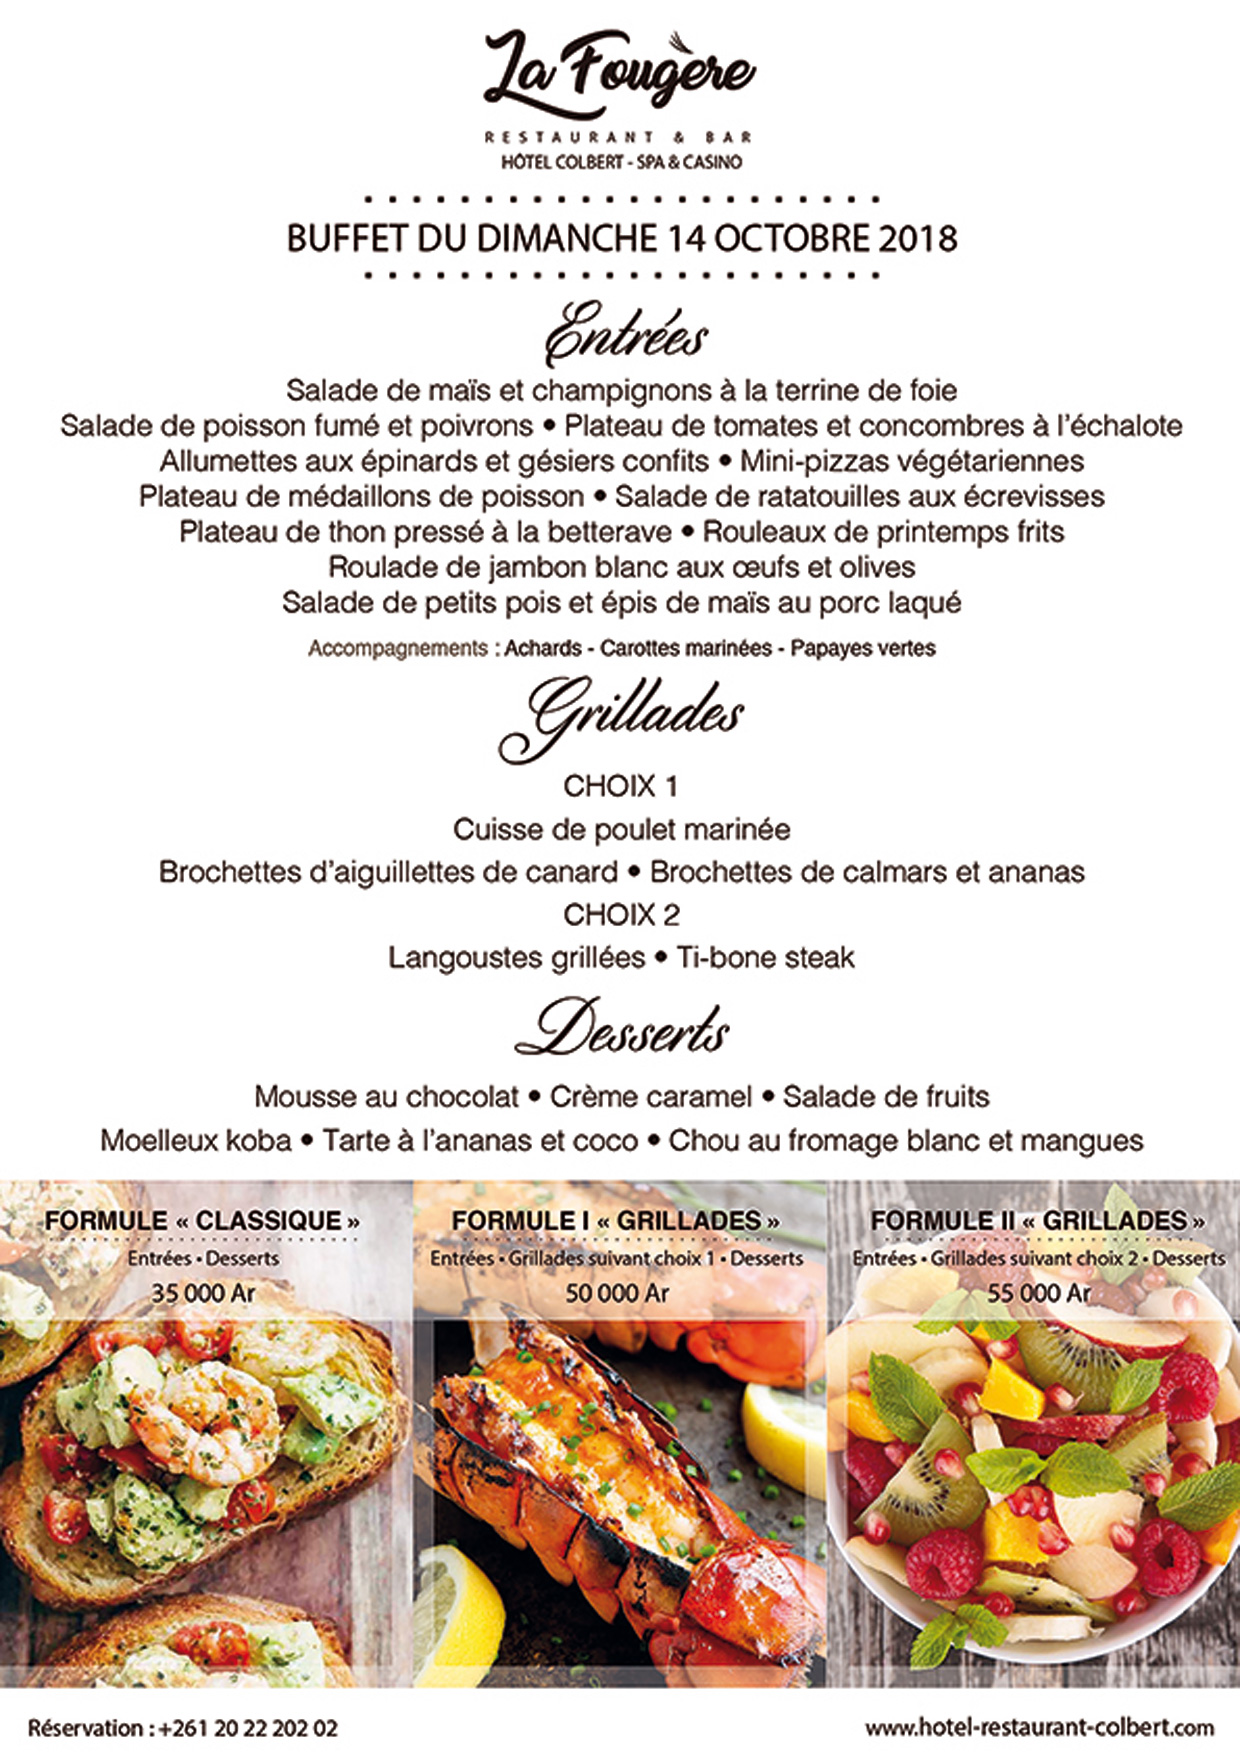 La Fougère: Buffet du Dimanche 14 Octobre 2018